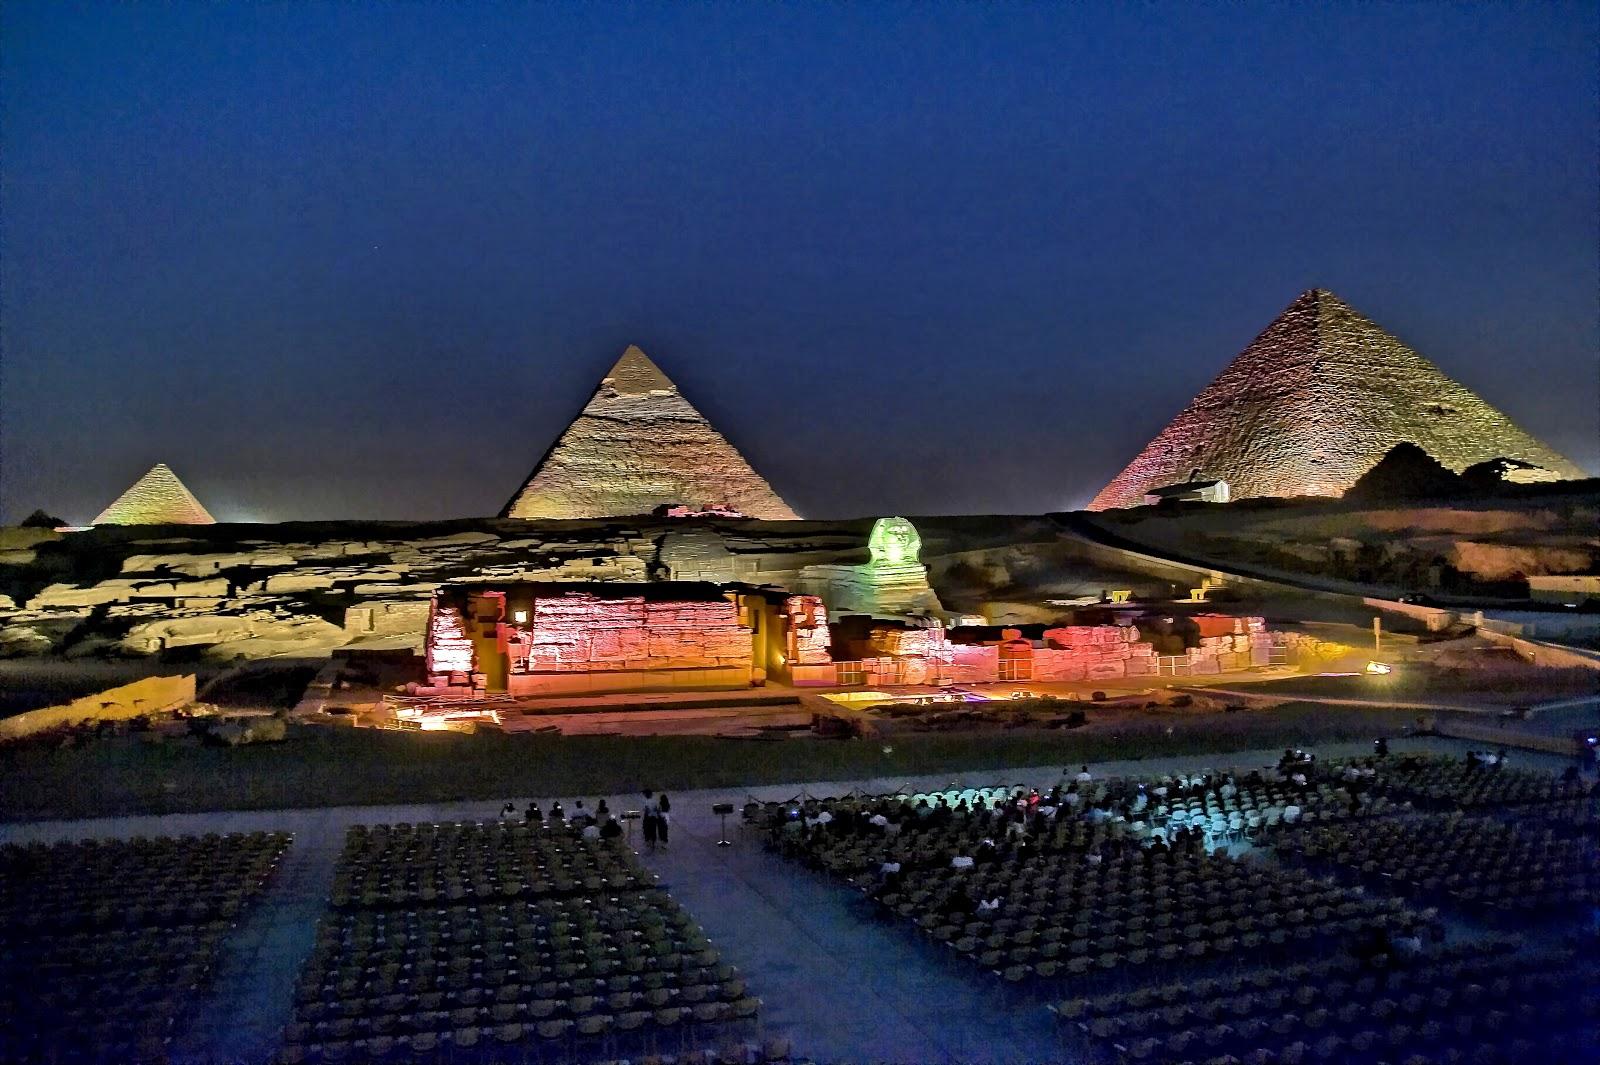 sound and light show PYramids of Giza